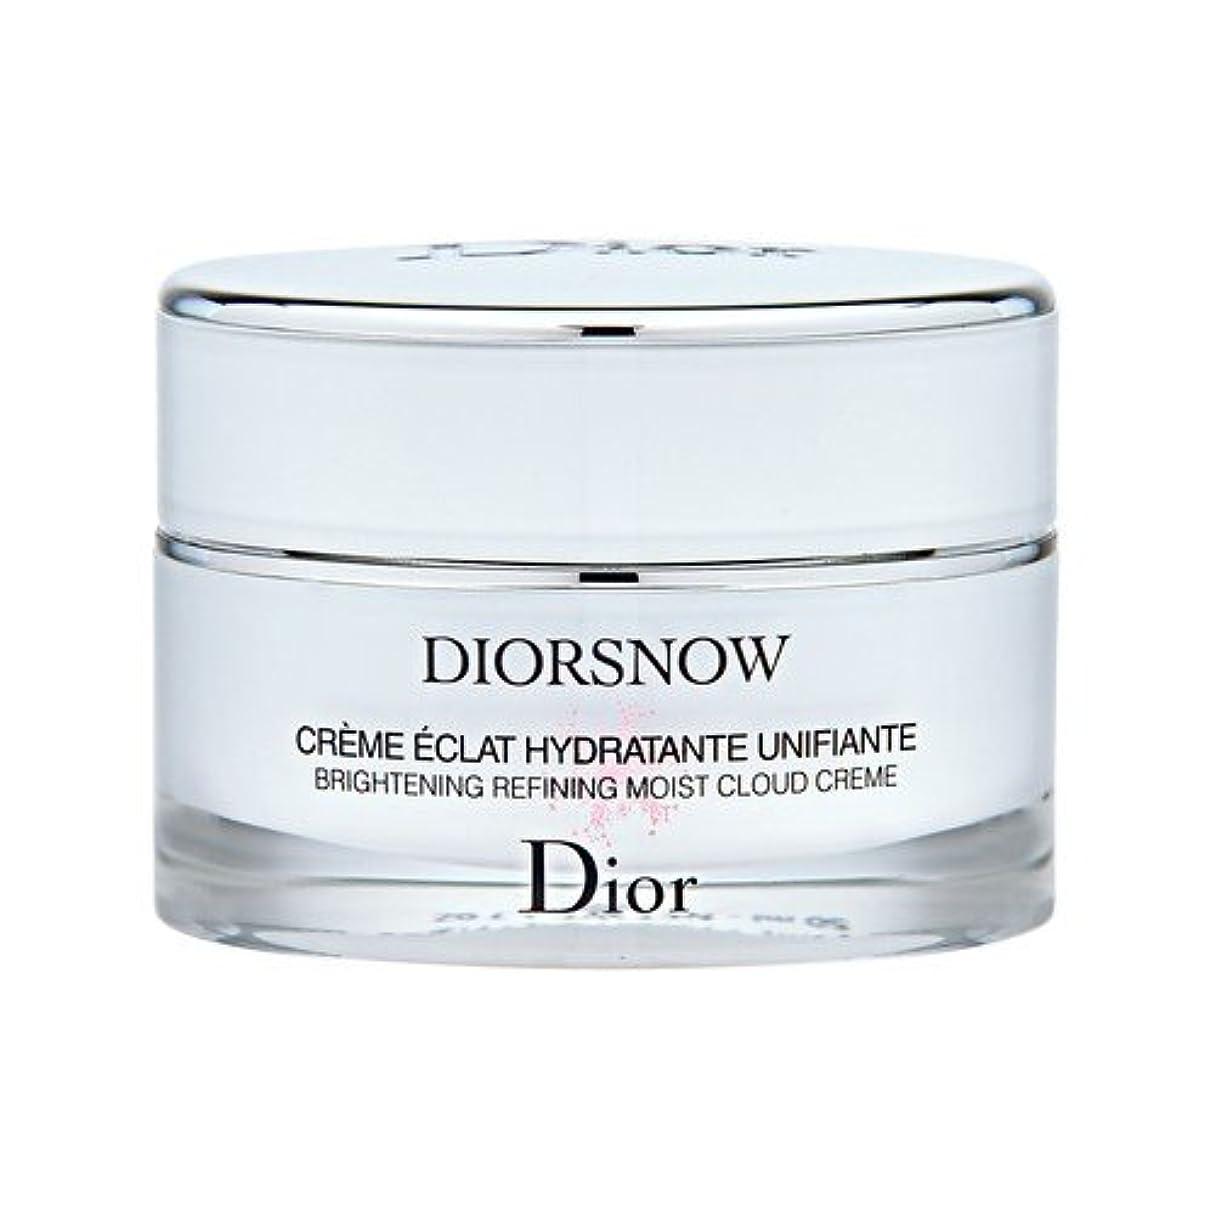 威信おそらくフェンスクリスチャン ディオール(Christian Dior) スノー ブライトニング モイスト クリーム 50ml[並行輸入品]